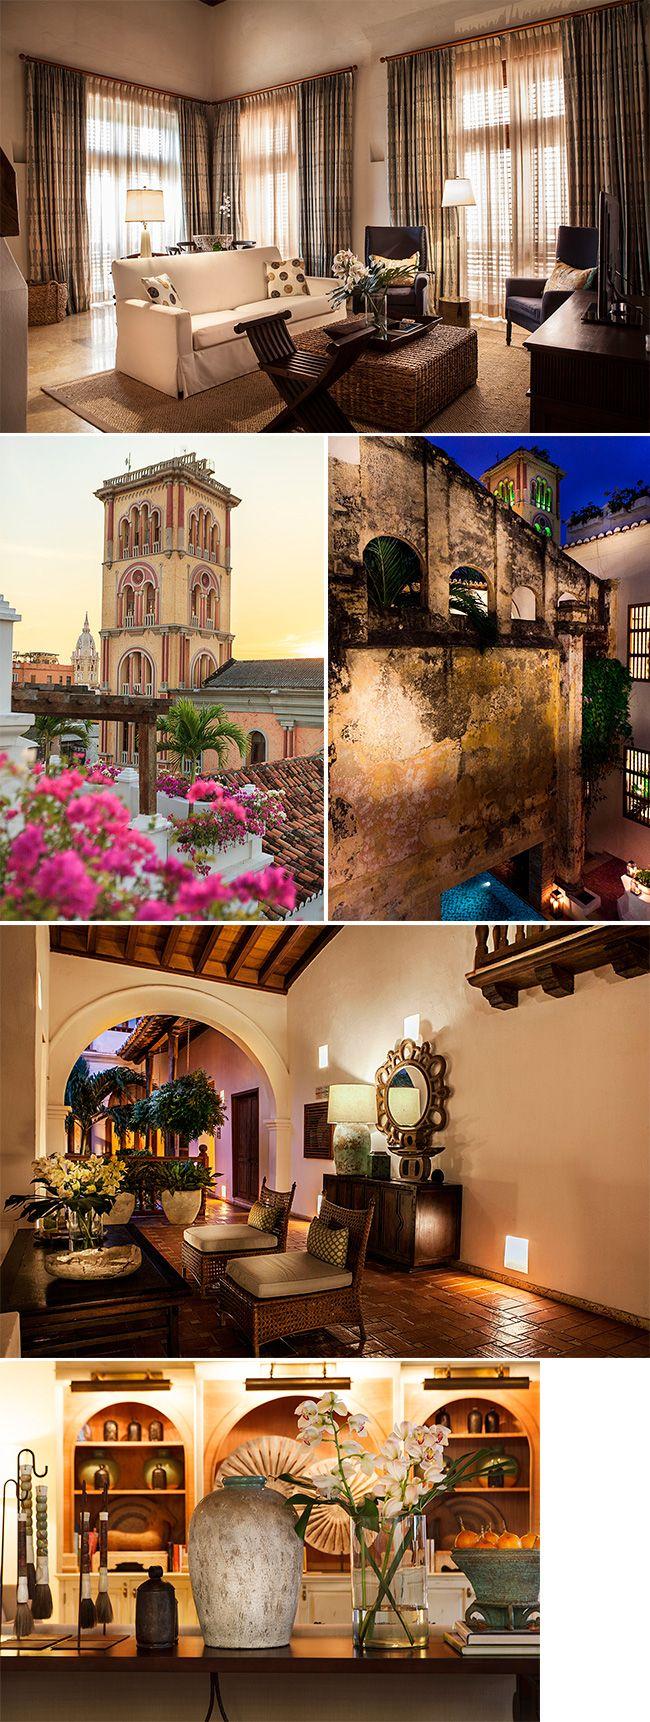 A Casa San Agustín é um charmoso hotel com estilo colonial localizado no centro histórico de Cartagena. A atmosfera é acolhedora e a construção do século 17 possui detalhes centenários que valem um olhar mais atento, como os afrescos restaurados da biblioteca e o teto de madeira dos quartos.